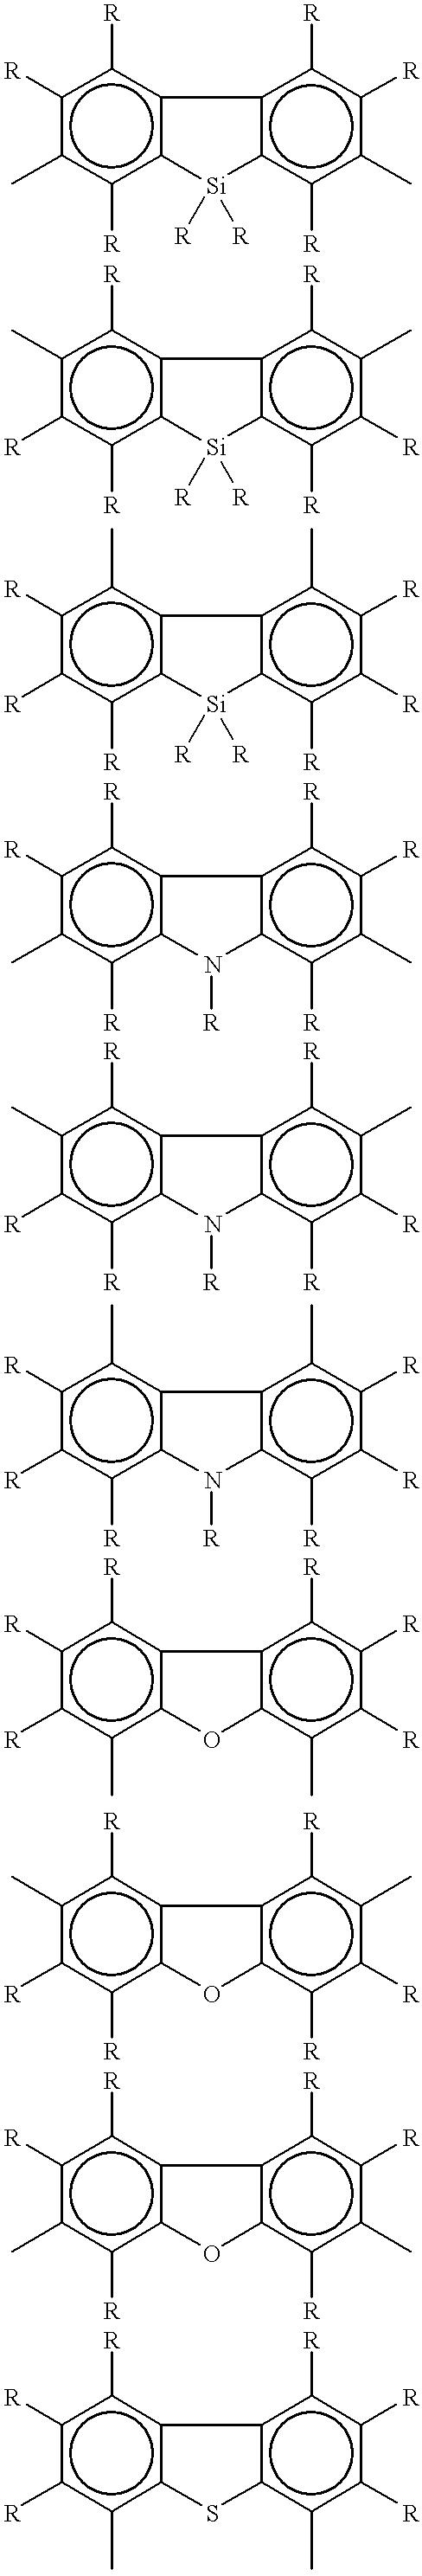 Figure US06602969-20030805-C00010